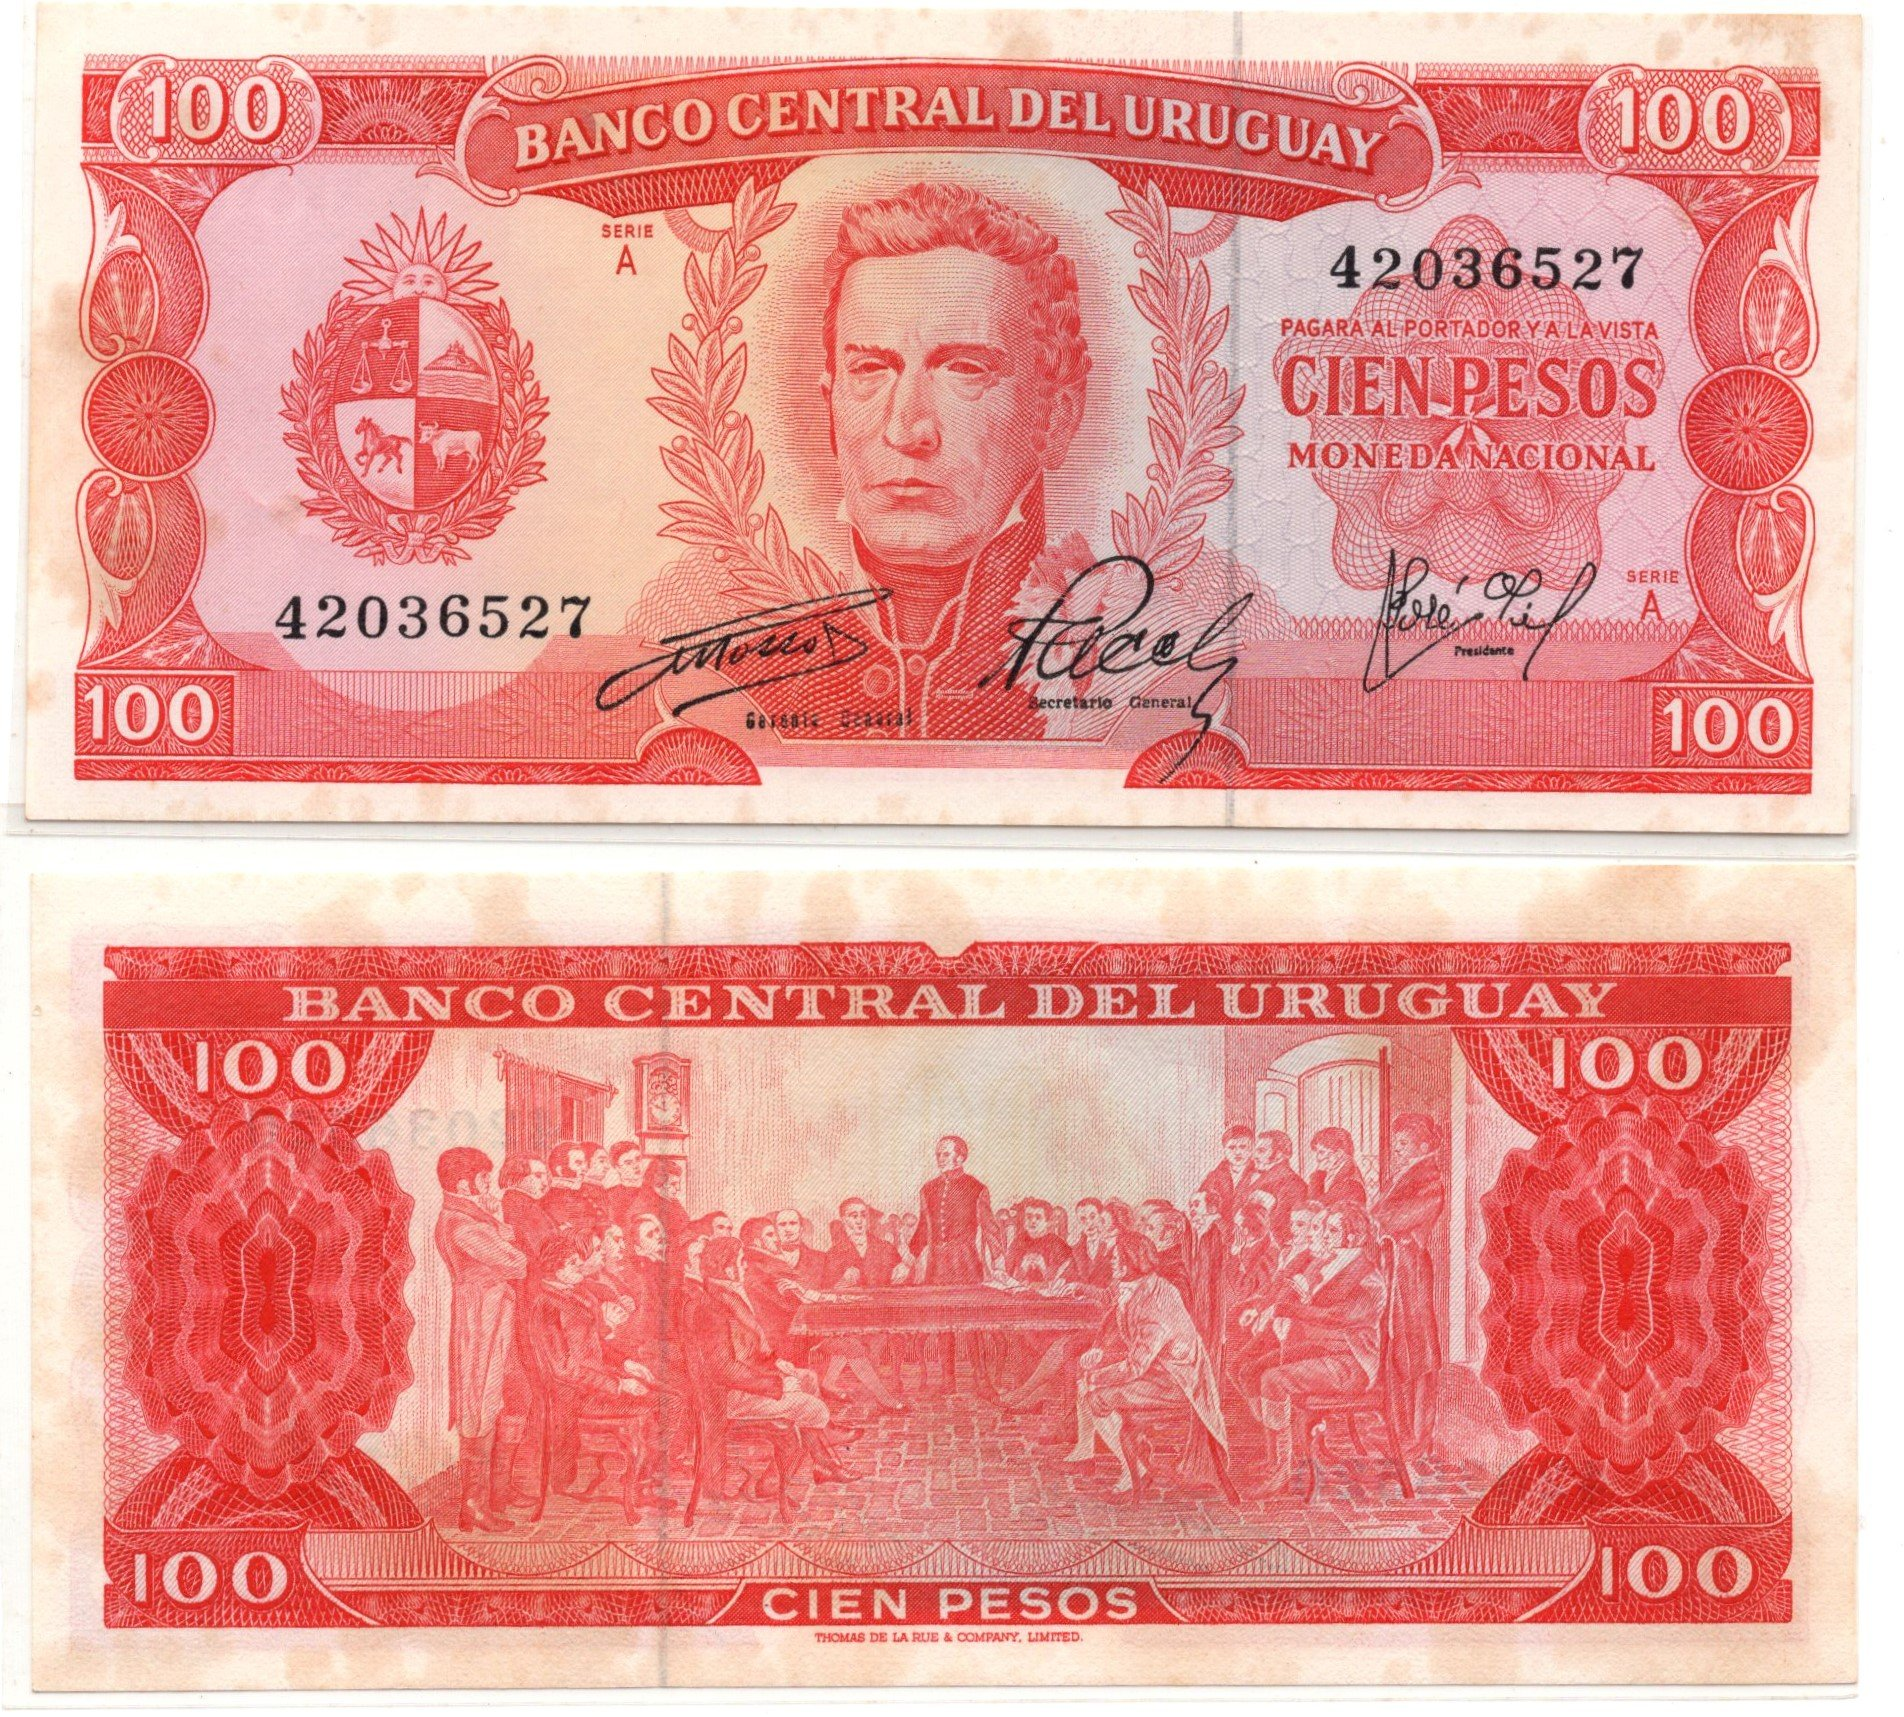 Uruguay 100 pesos 1967 banknote for sale